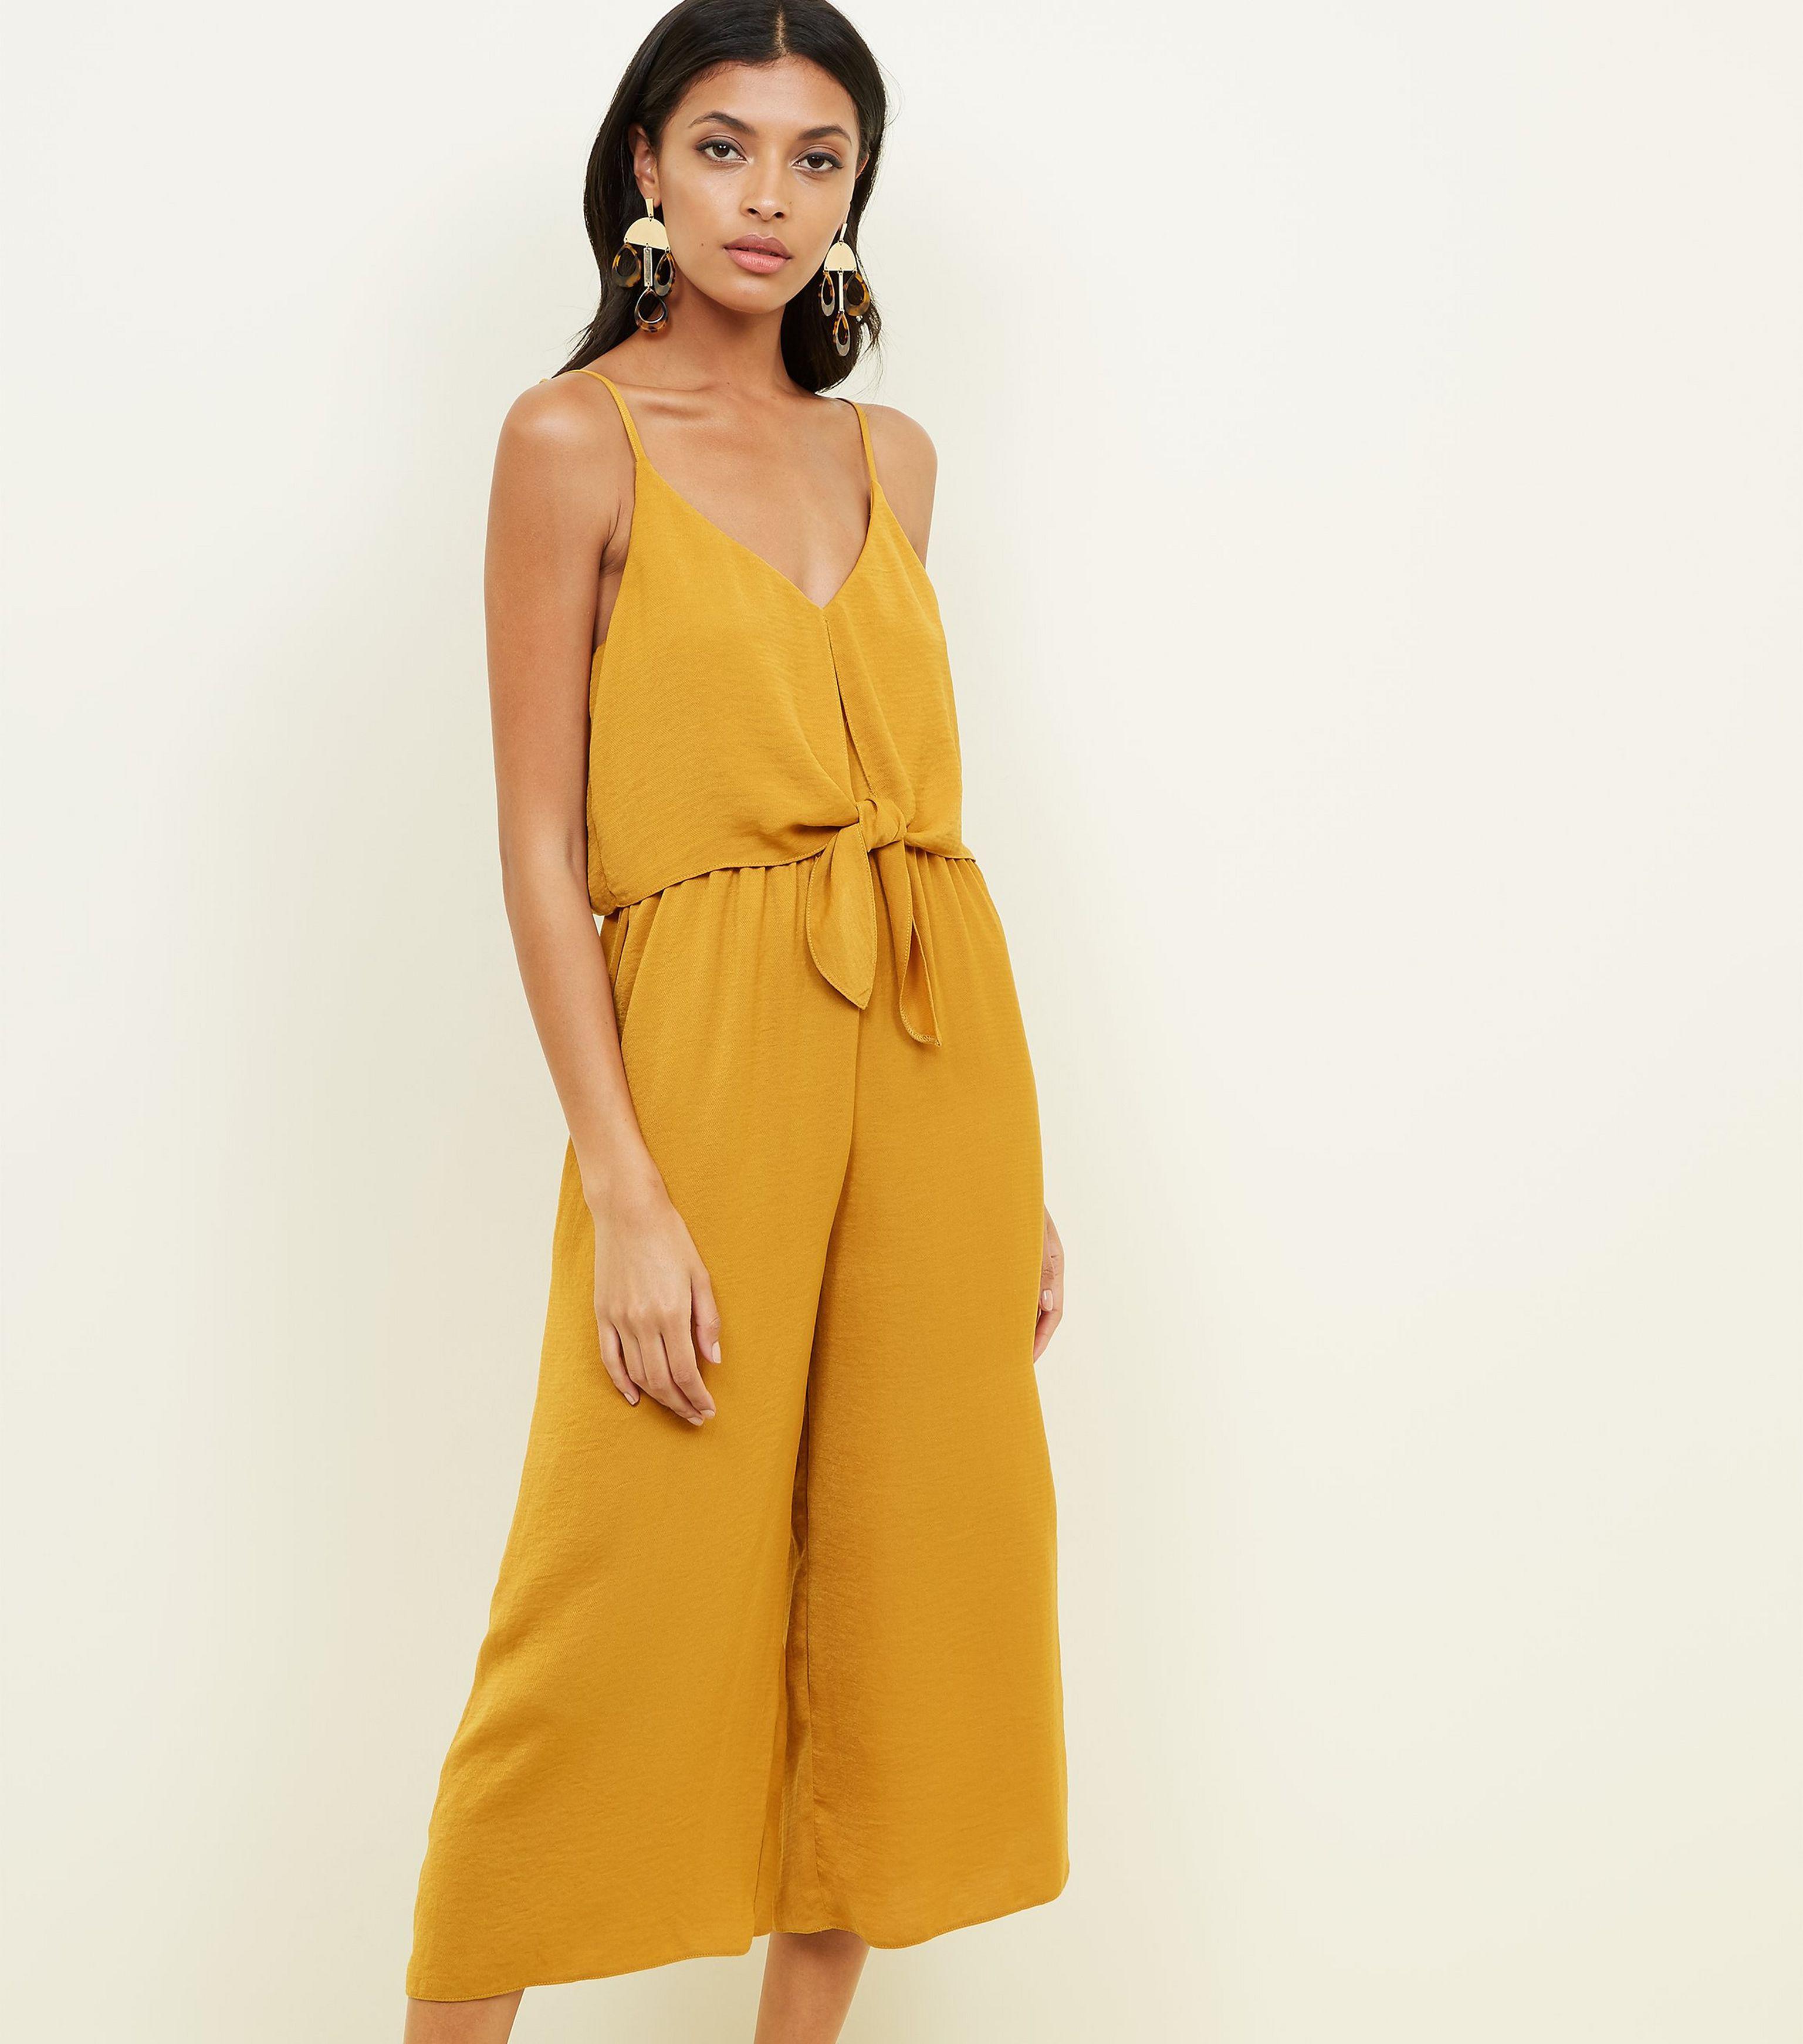 8d7c107077d3 New Look Mustard Tie Front Linen-look Jumpsuit in Yellow - Lyst